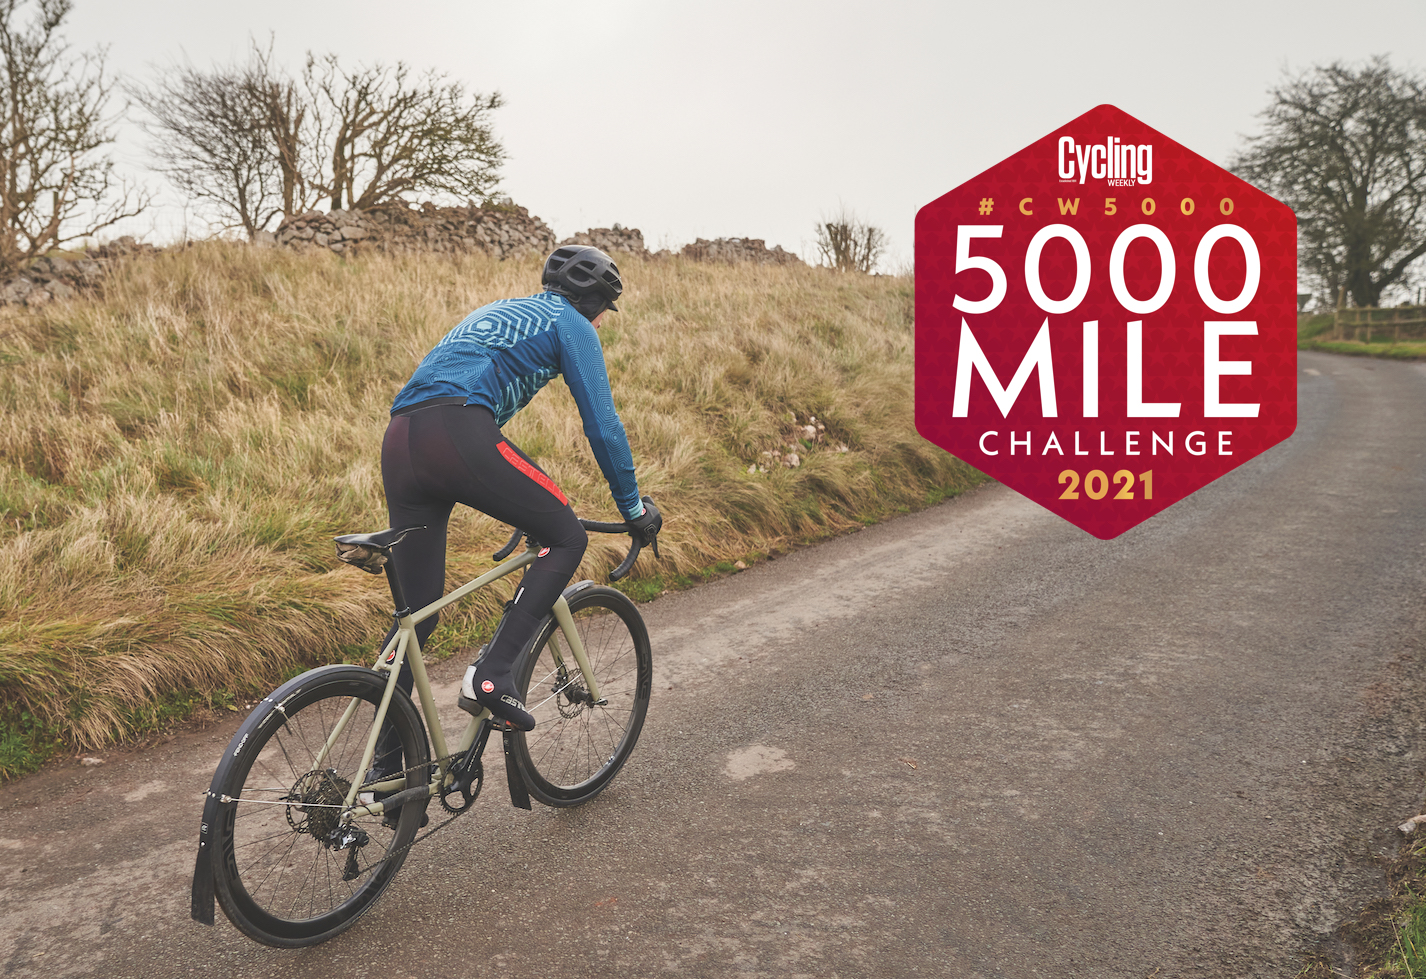 Comment la CW5000 a inspiré les cyclistes jusqu'en 2020